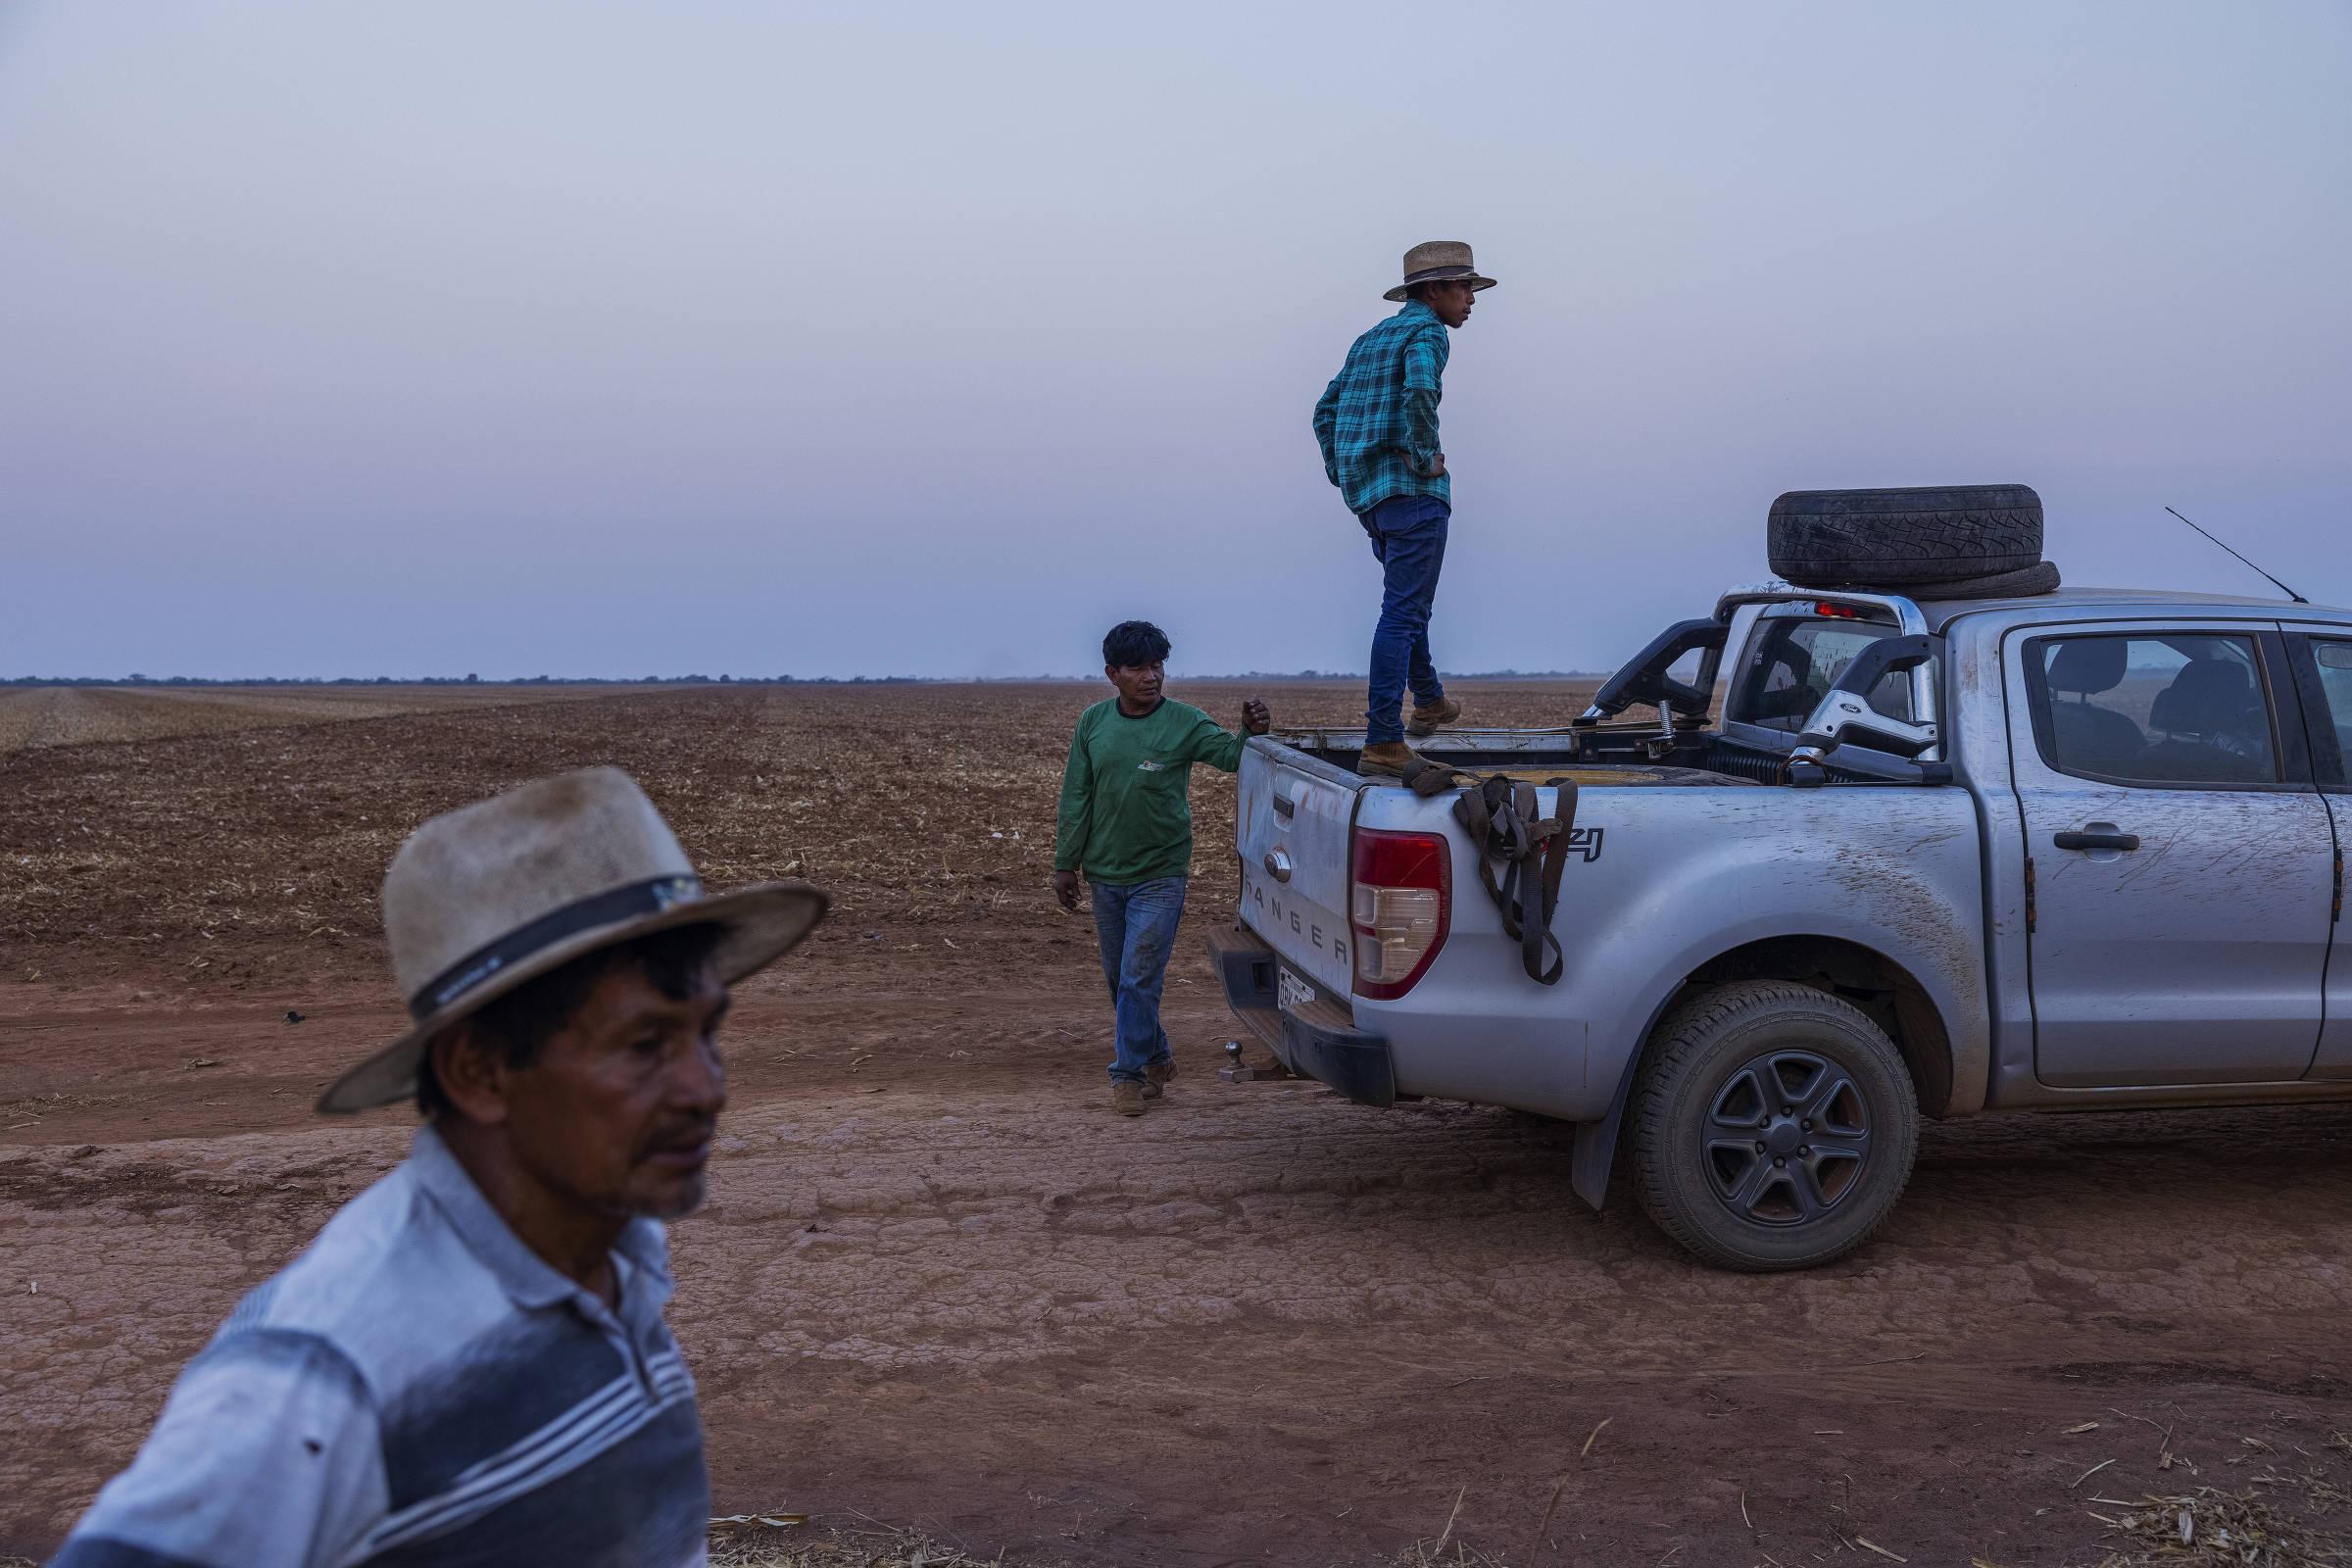 Manokis responsáveis pela lavoura mecanizada na Terra Indígena Irantxe observam a movimentação de tratarores jogando calcário para equilibrar o solo na preparação para o plantio